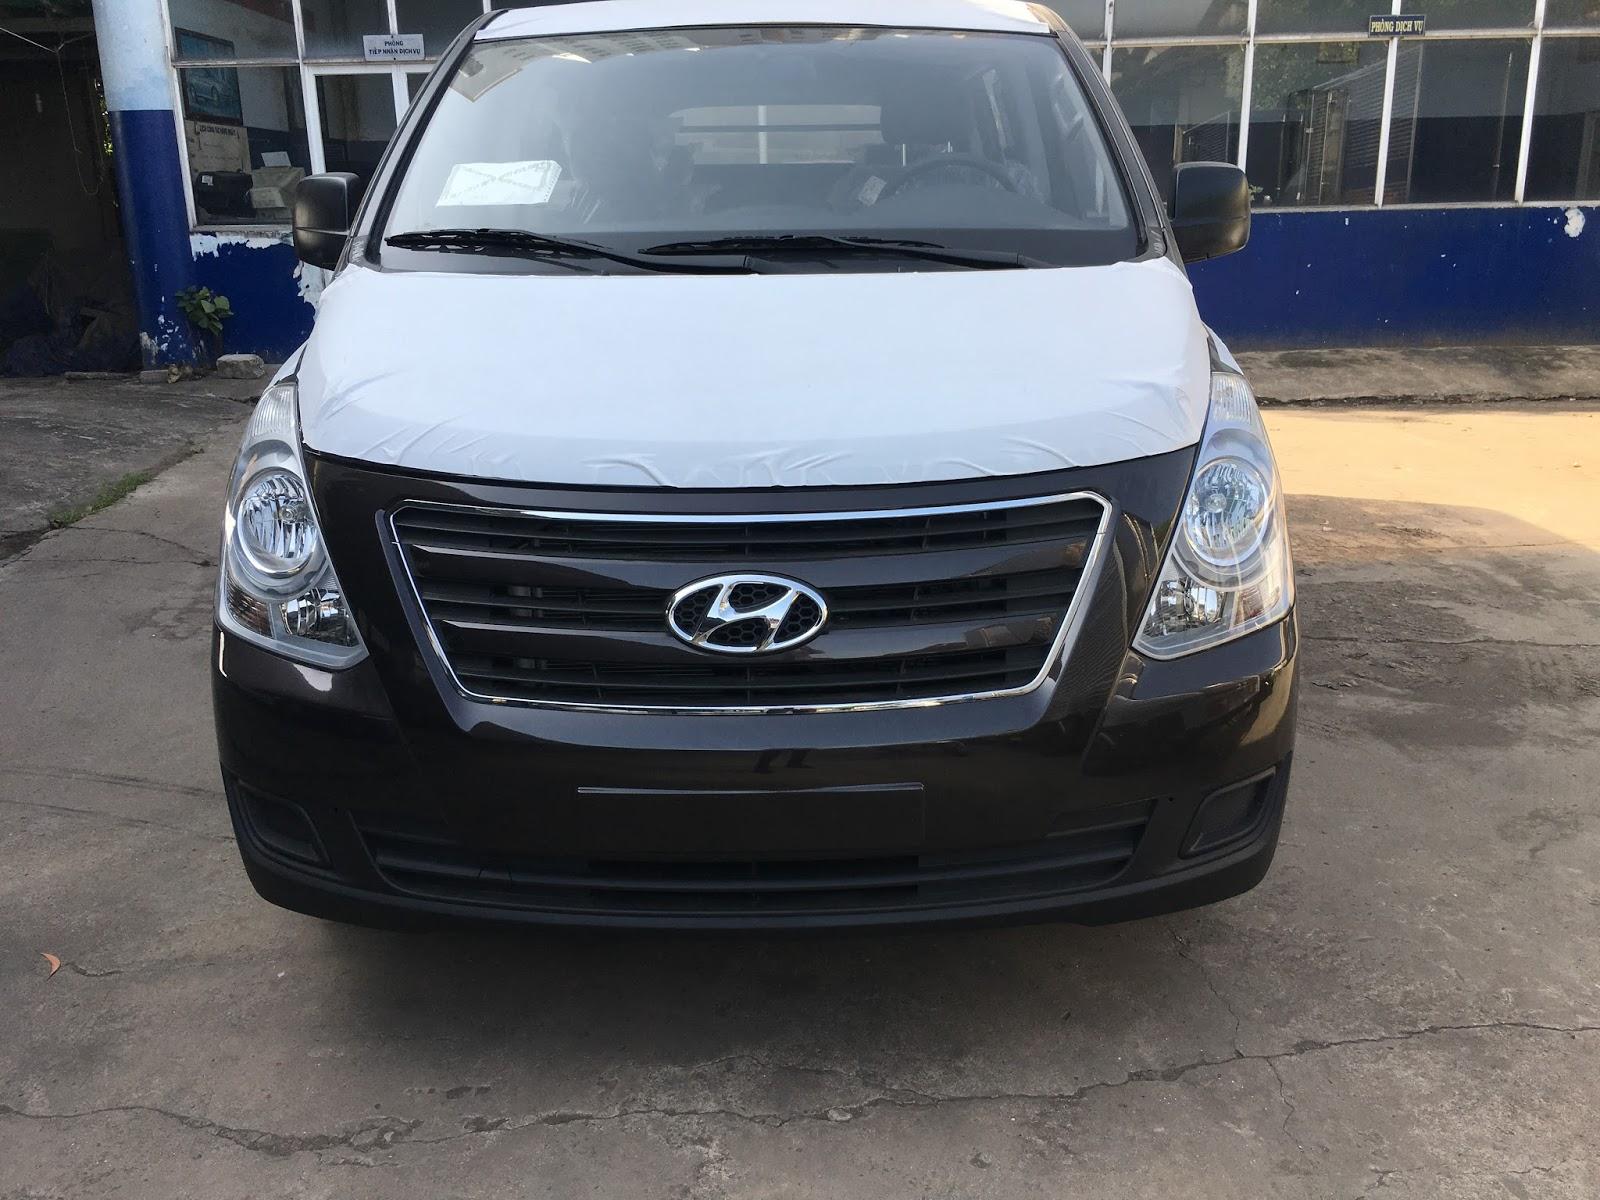 Hình ảnh Xe Tải Van Hyundai Starex H1 Bán Tải 6 Chỗ Màu Nâu